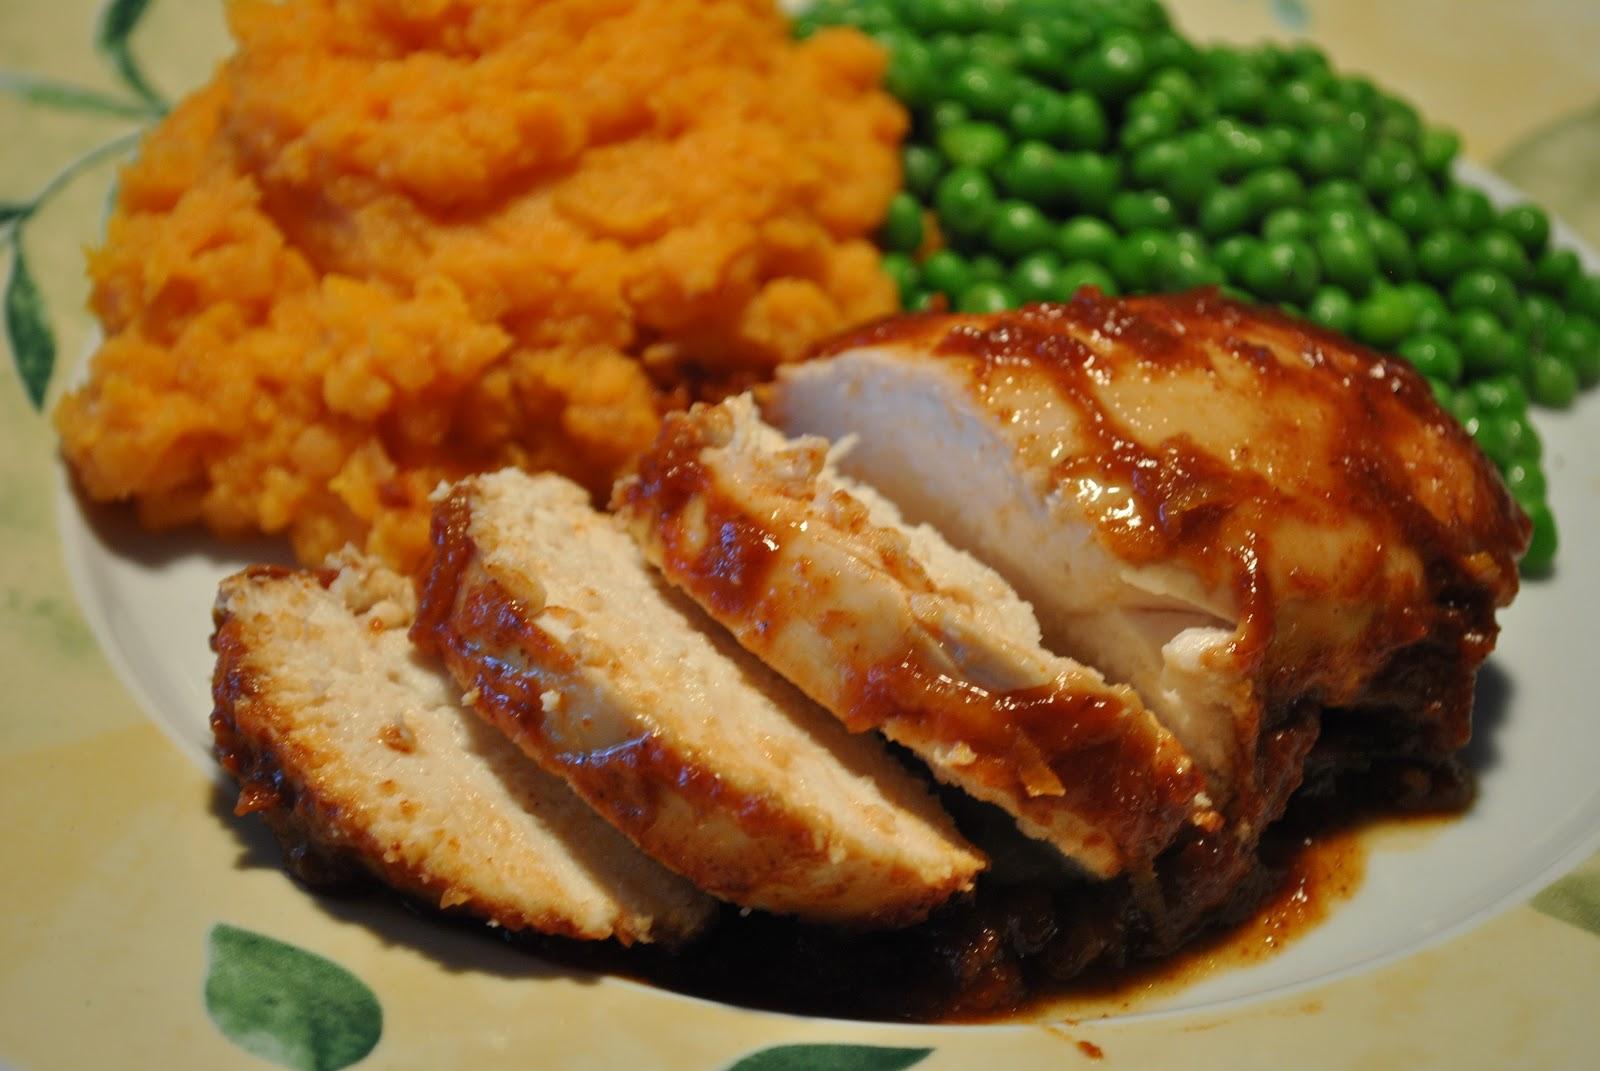 Poitrine de poulet four